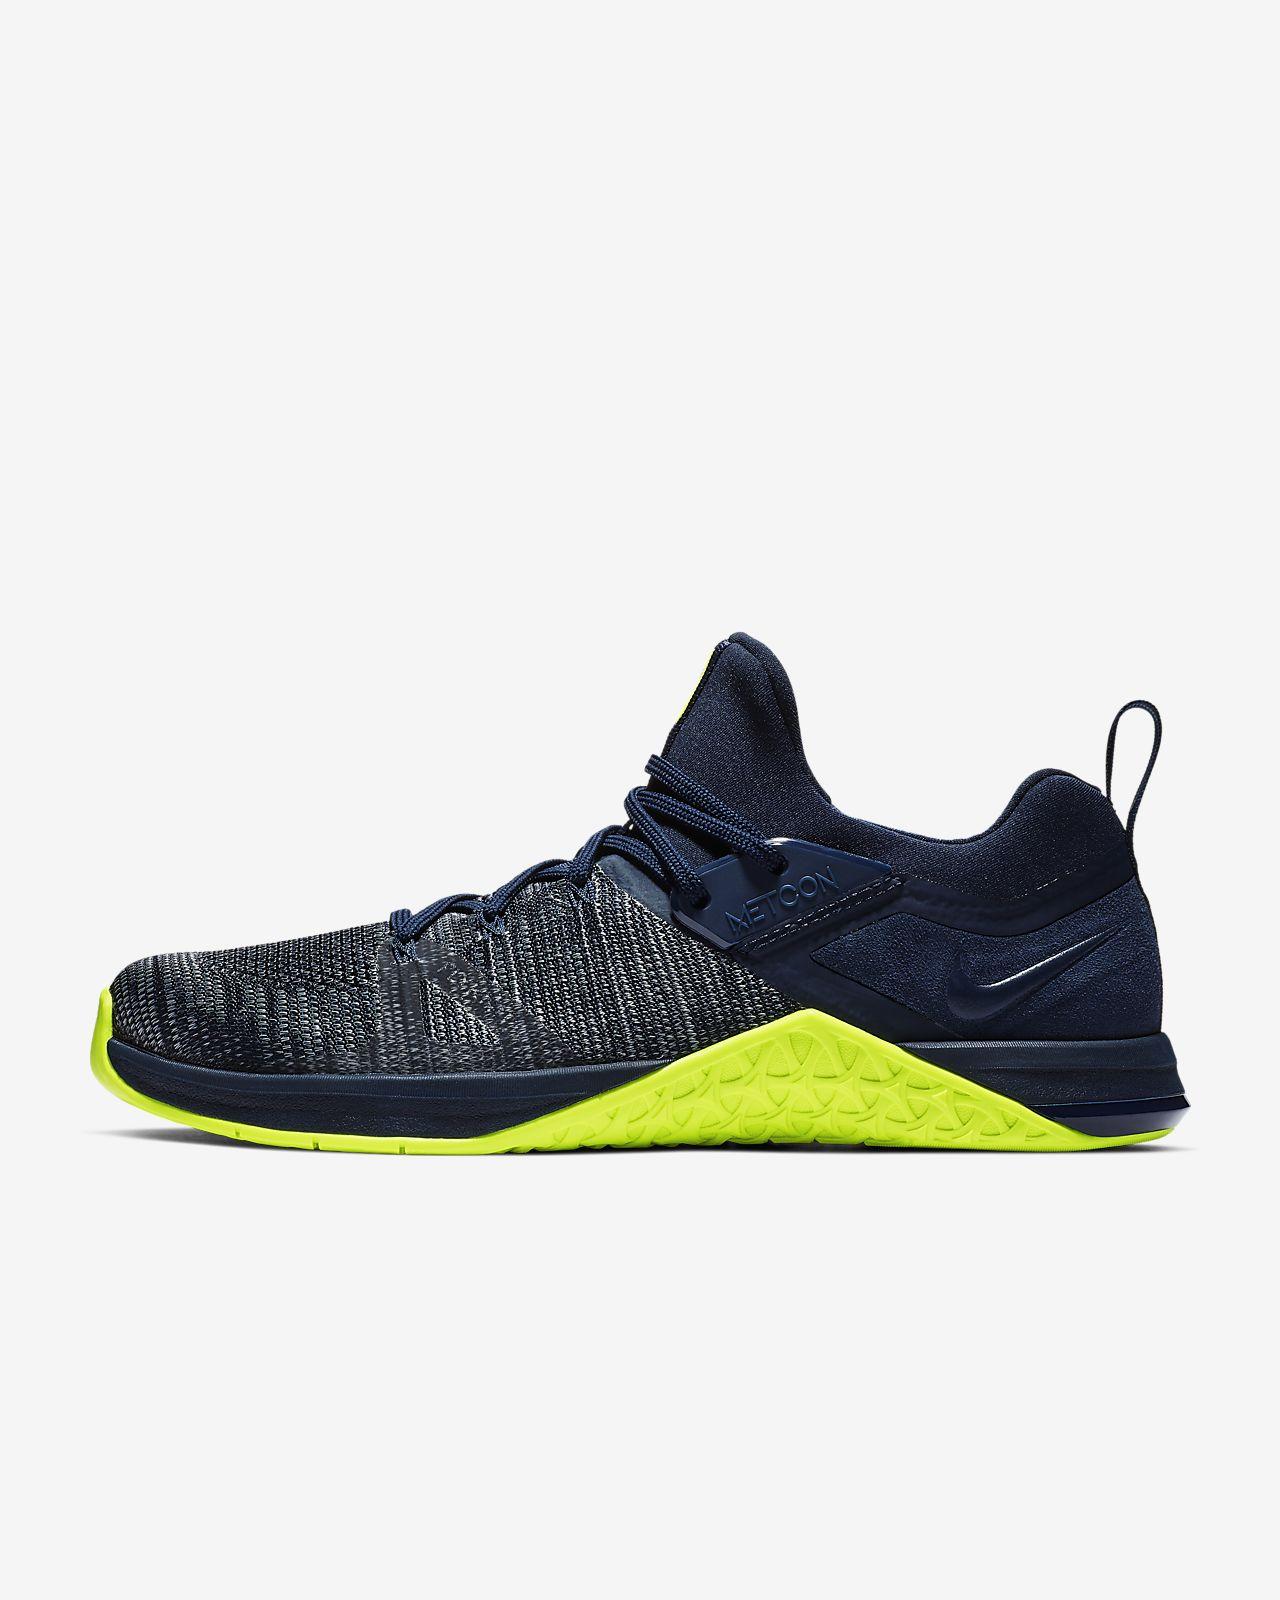 9a68ff4e7afd1 ... Nike Metcon Flyknit 3 Zapatillas de cross training y levantamiento de  pesas - Hombre